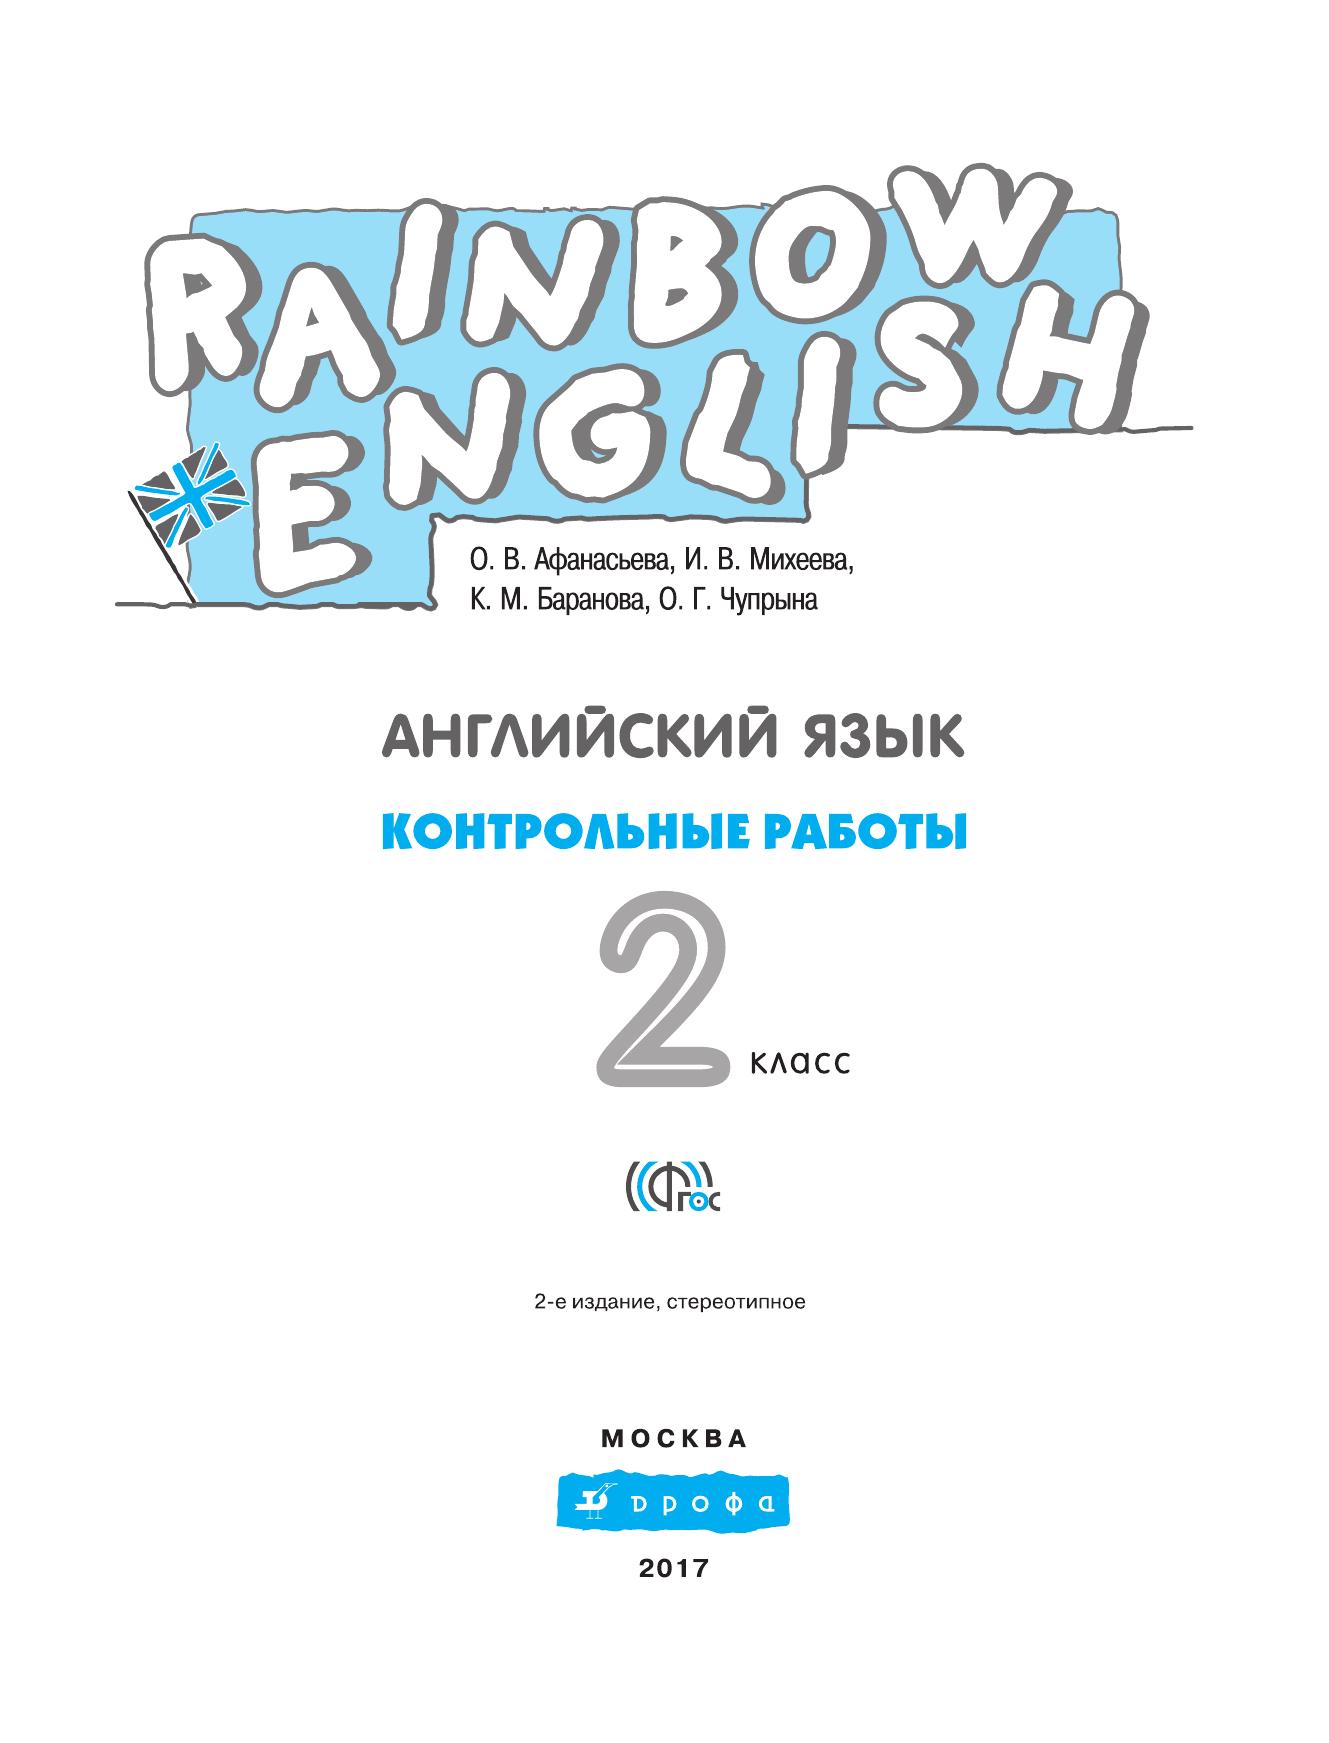 Rainbow english 4 класс контрольные работы